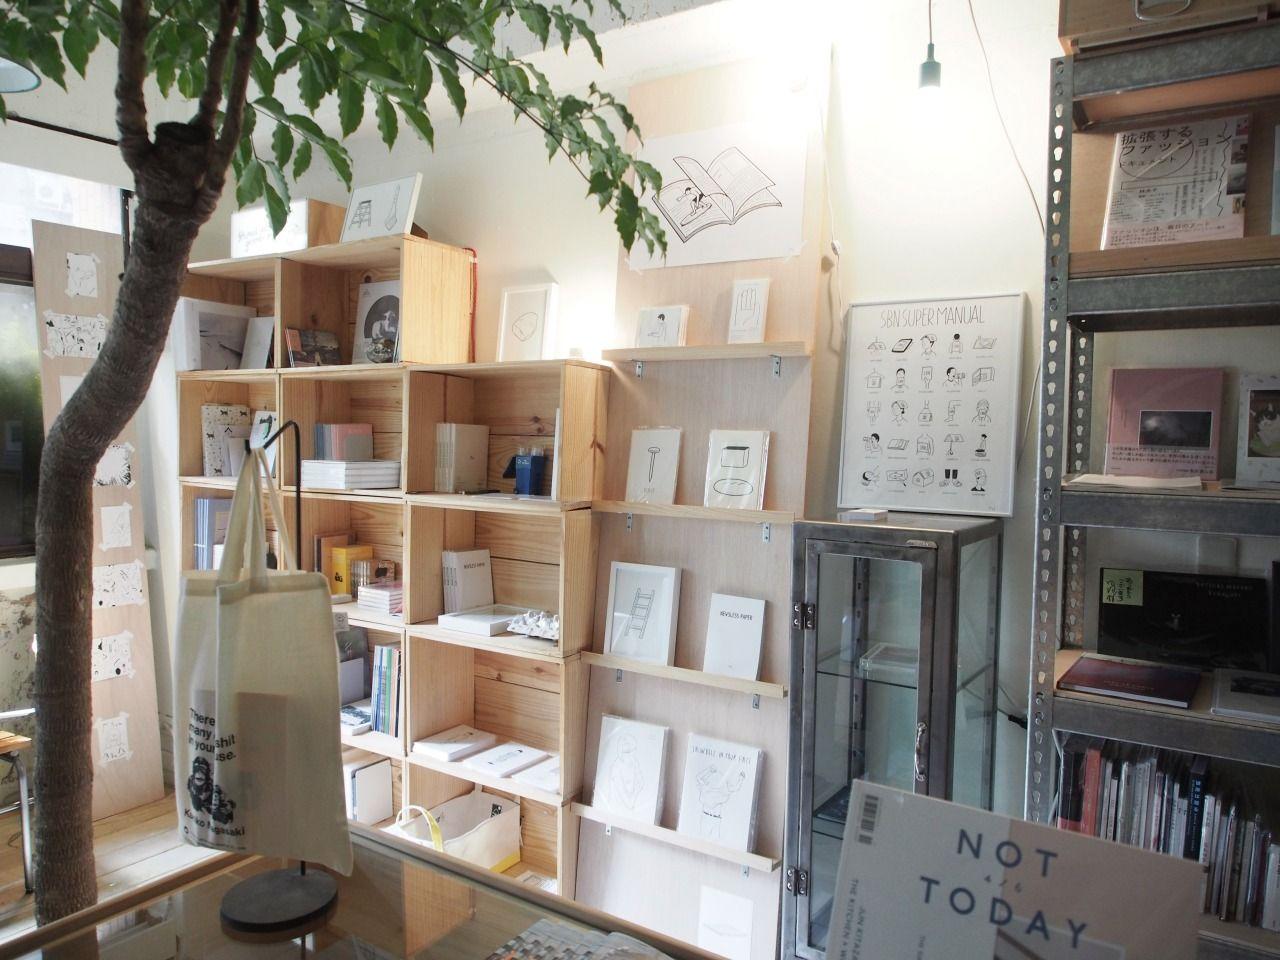 日本高人氣插画設計師Noritake,11月正式進駐下北沢世代  2008年開始於日本展開個人插画展的Noritake,大膽地運用紙張留白, 使觀者能與自身作品產生好的虛擬對話空間。爾後幾年間,除了前往 歐美展出,並與獨立書店、風尚雜誌等陸續展開不同類型的合作之外, 更持續開發自己的設計商品,画風也越來越簡練成熟,進而成為少數 經營的如此成熟的個人插画品牌。帶著男性風味的理智輪廓線條搭配 上中性的情緒,更深深虜獲現代強調自我個性的都市男女。  文字:下北沢世代 Photo :下北沢世代 Design: Noritake 寄賣點:下北沢世代   台北市中正區和平西路二段141號2樓之1